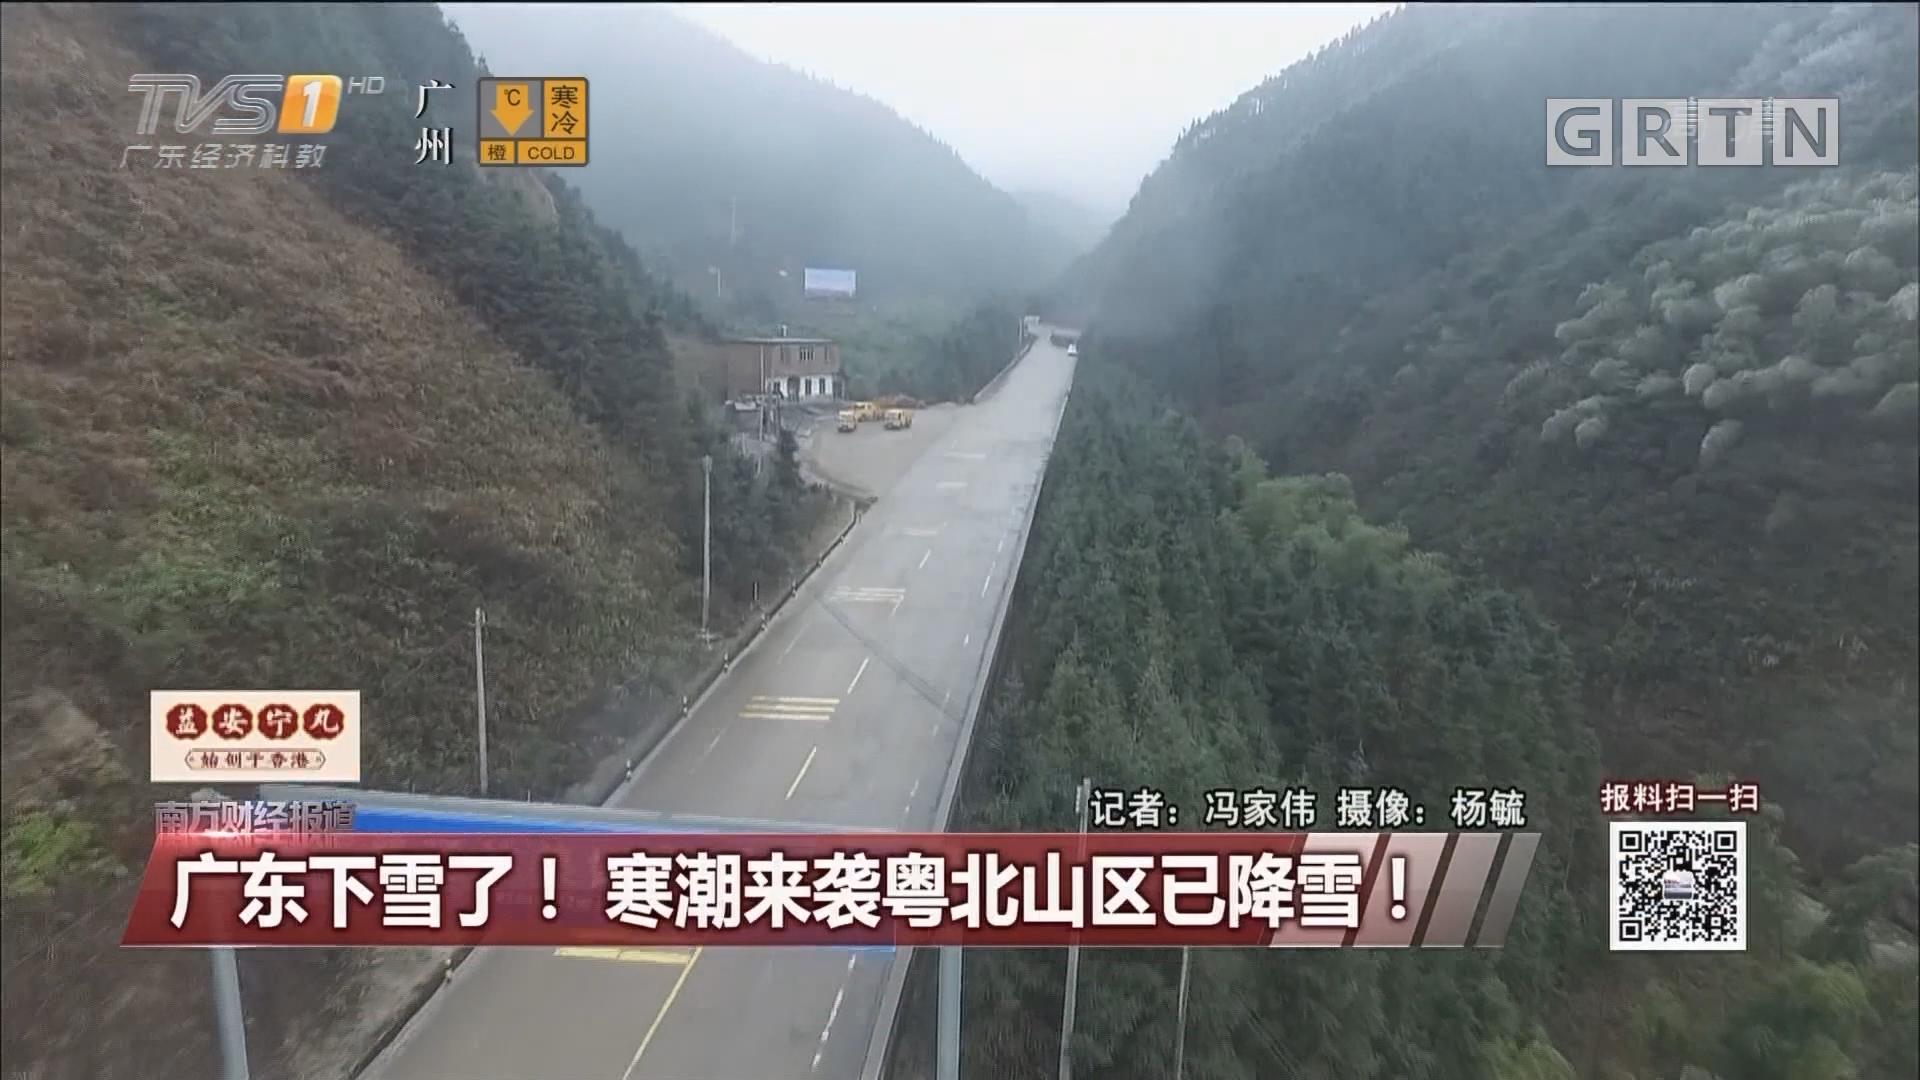 广东下雪了!寒潮来袭粤北山区已降雪!